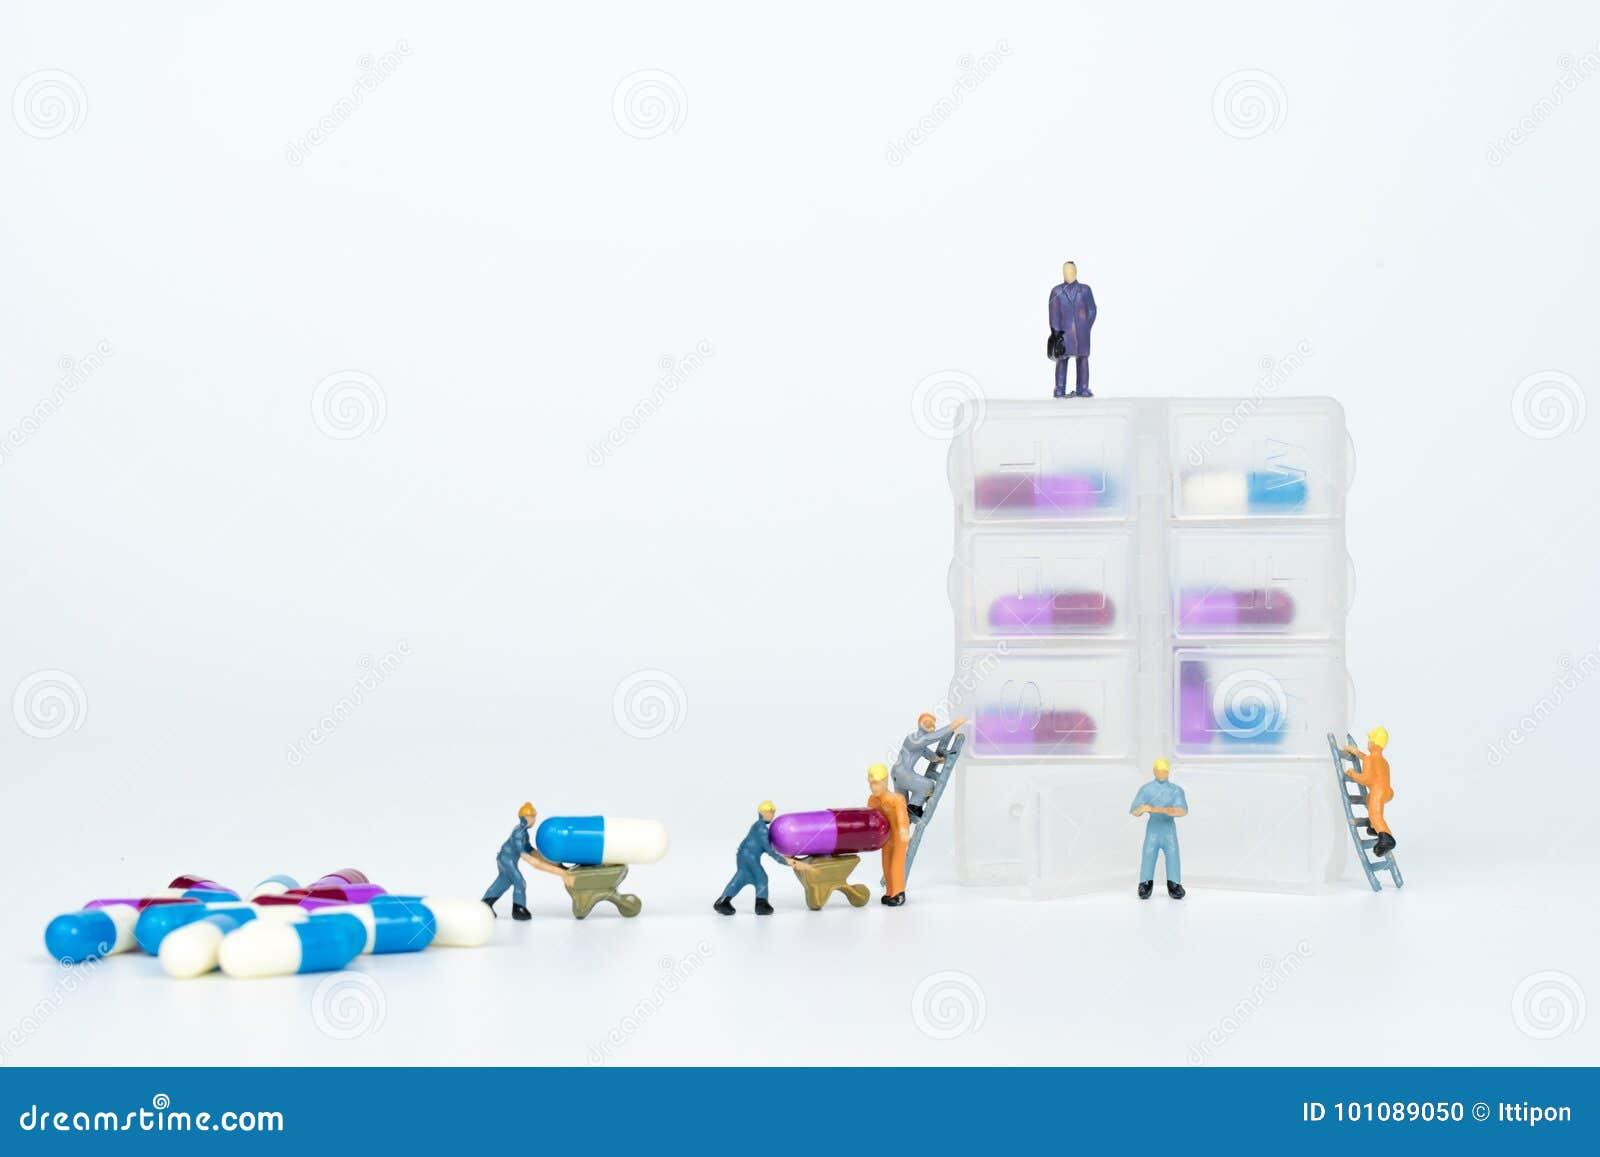 Миниатюрные люди с лекарства контейнером ежедневно